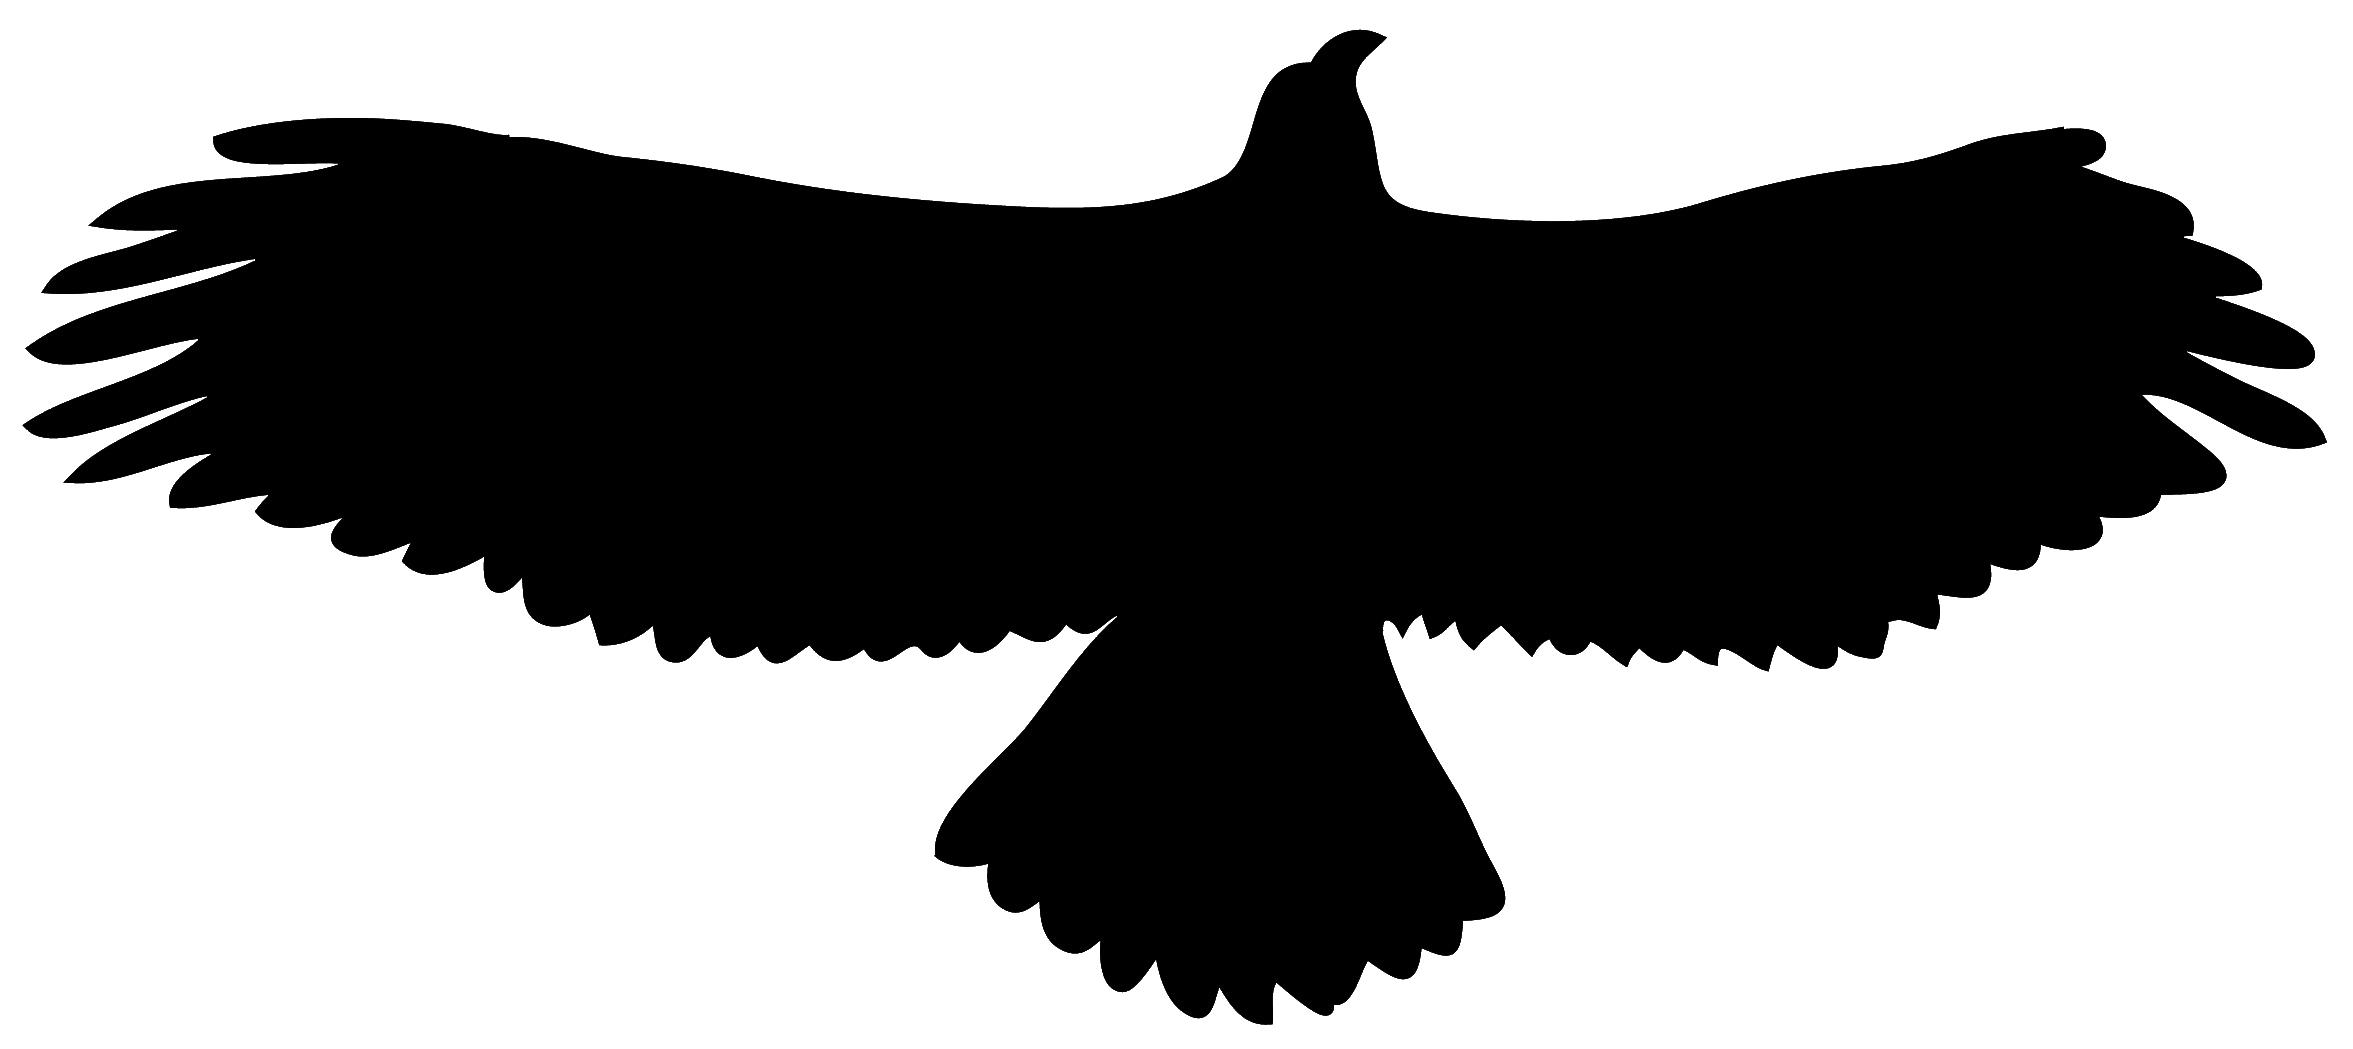 silhouette golden eagle in flight